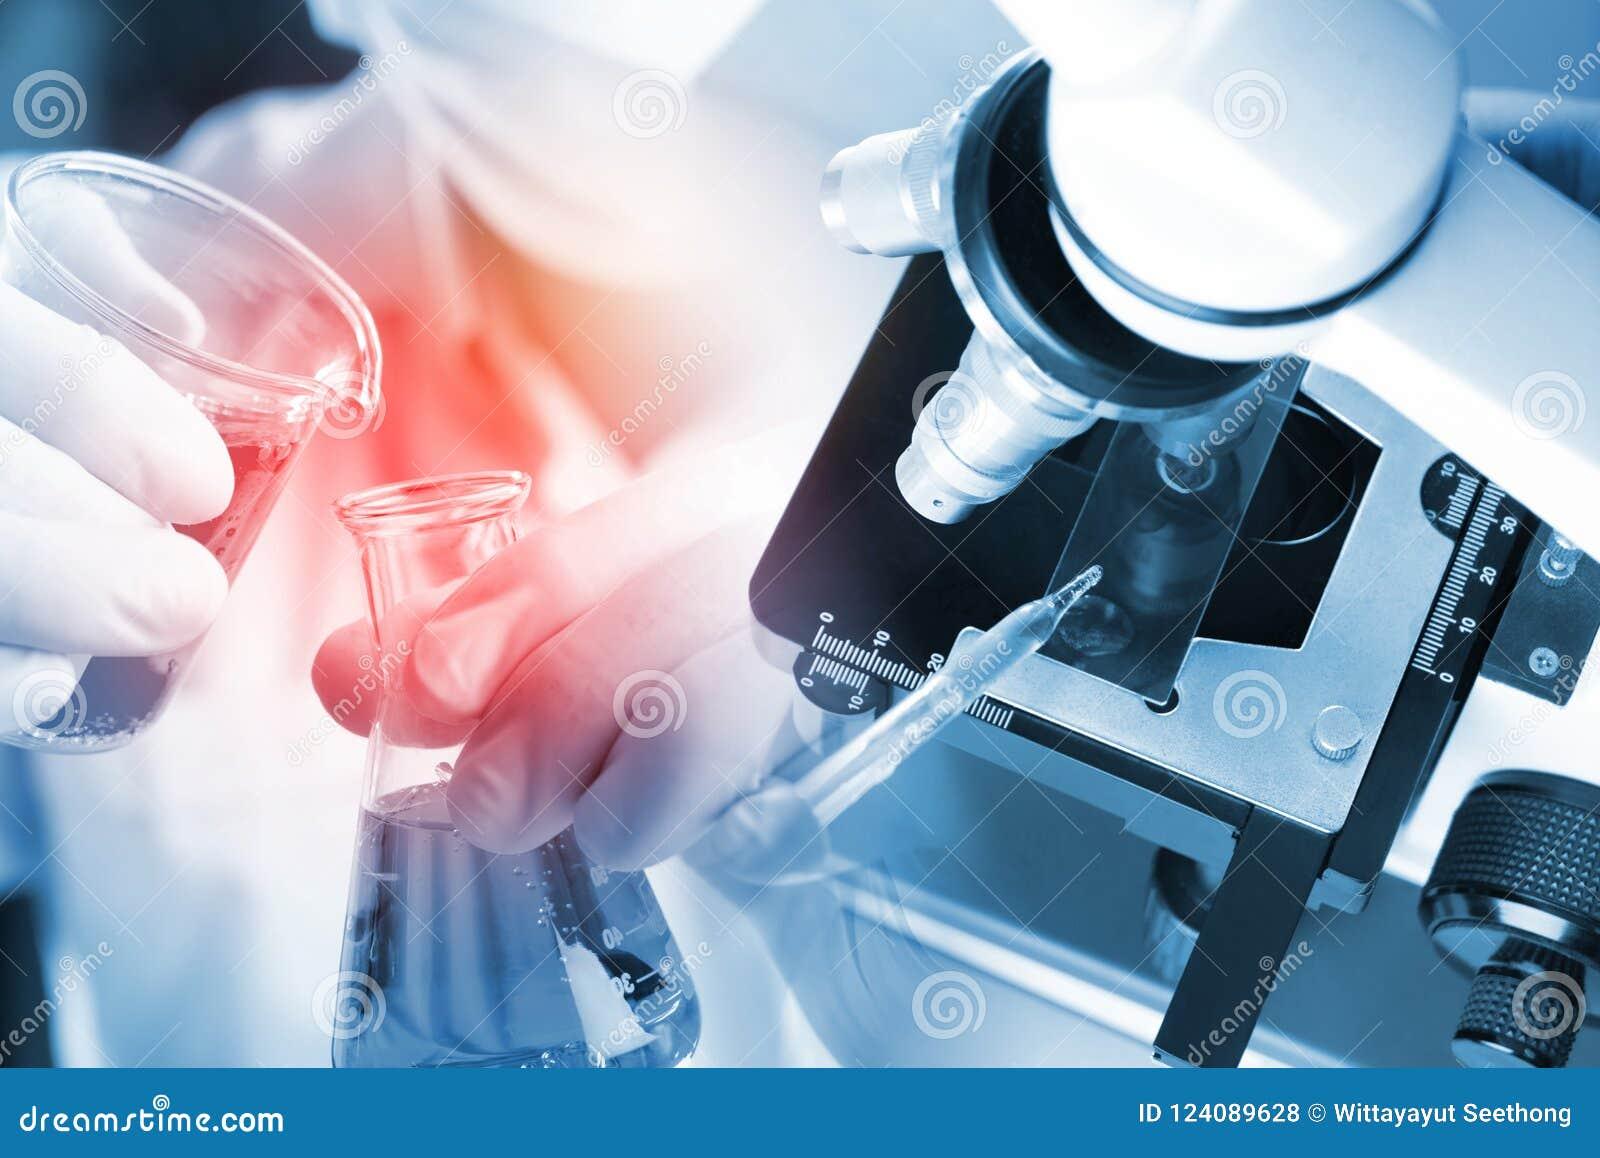 Giovane ragazzo asiatico dello studente e microscopio bianco nel laboratorio di scienza con liquido rosso e contagoccia per prova